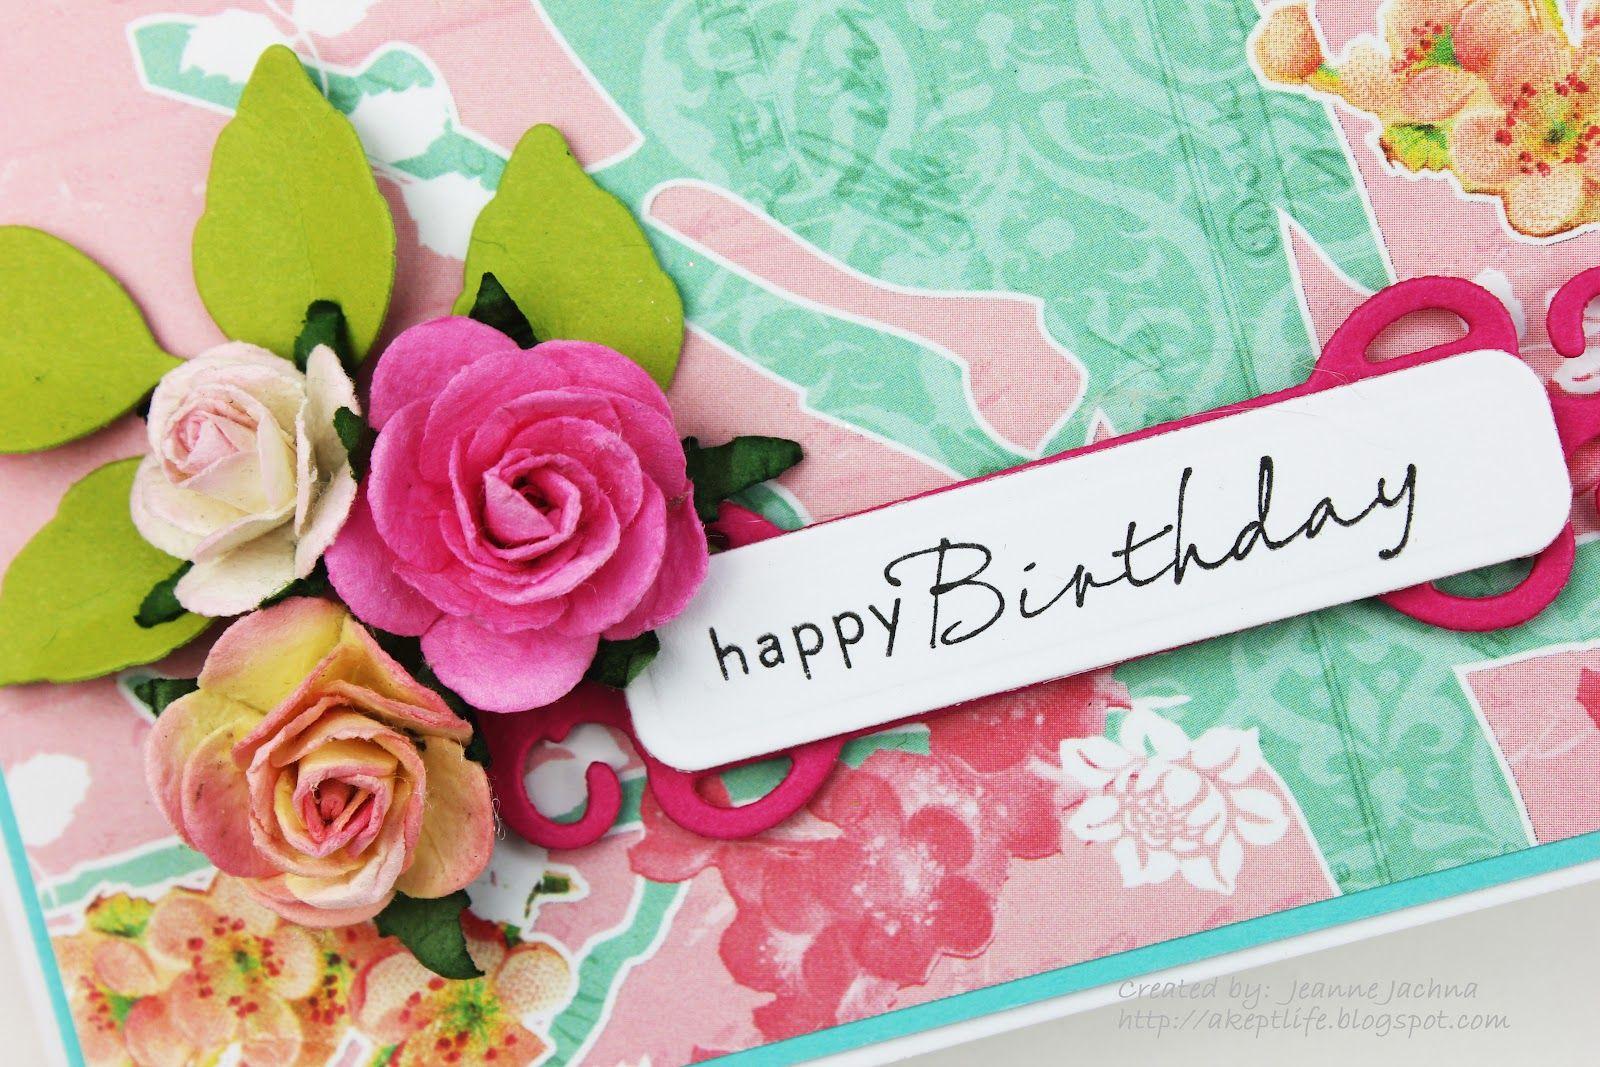 Надписью, красивые открытки с днем рождения женщине на английском